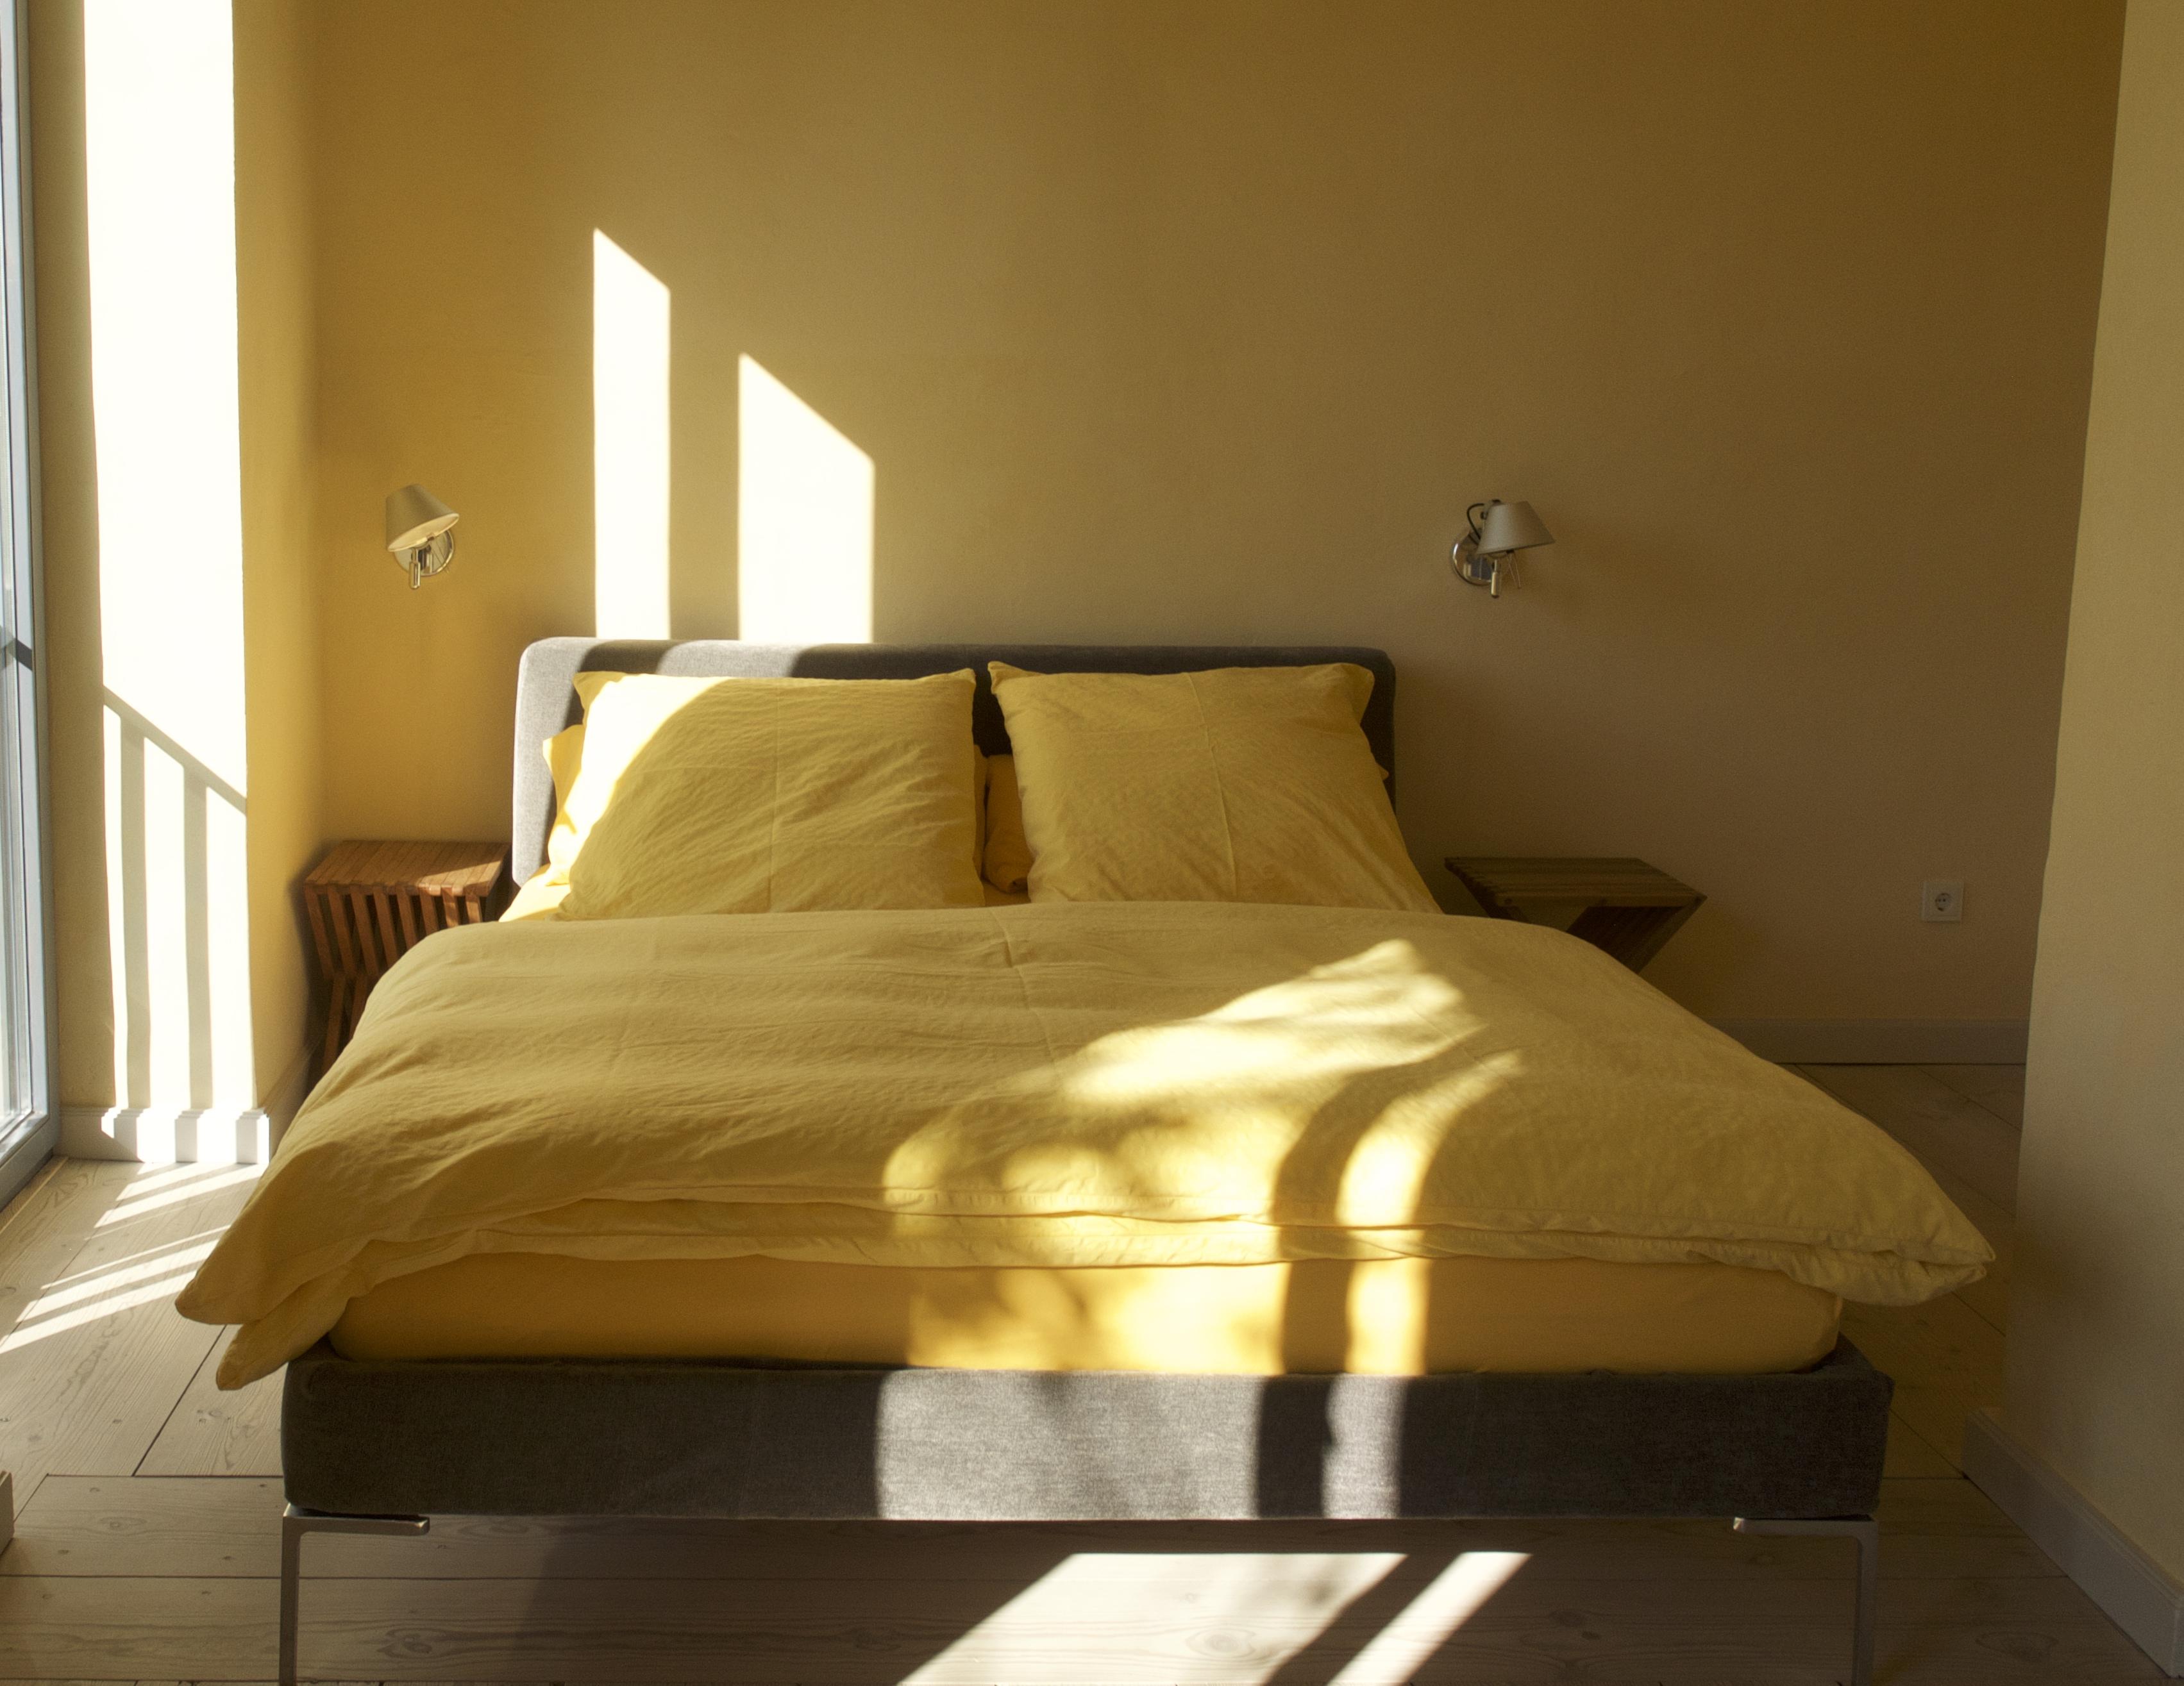 das seeapartment im obergeschoss 52 qm ferienwohnungen in potsdam zimmer mit ausblick. Black Bedroom Furniture Sets. Home Design Ideas